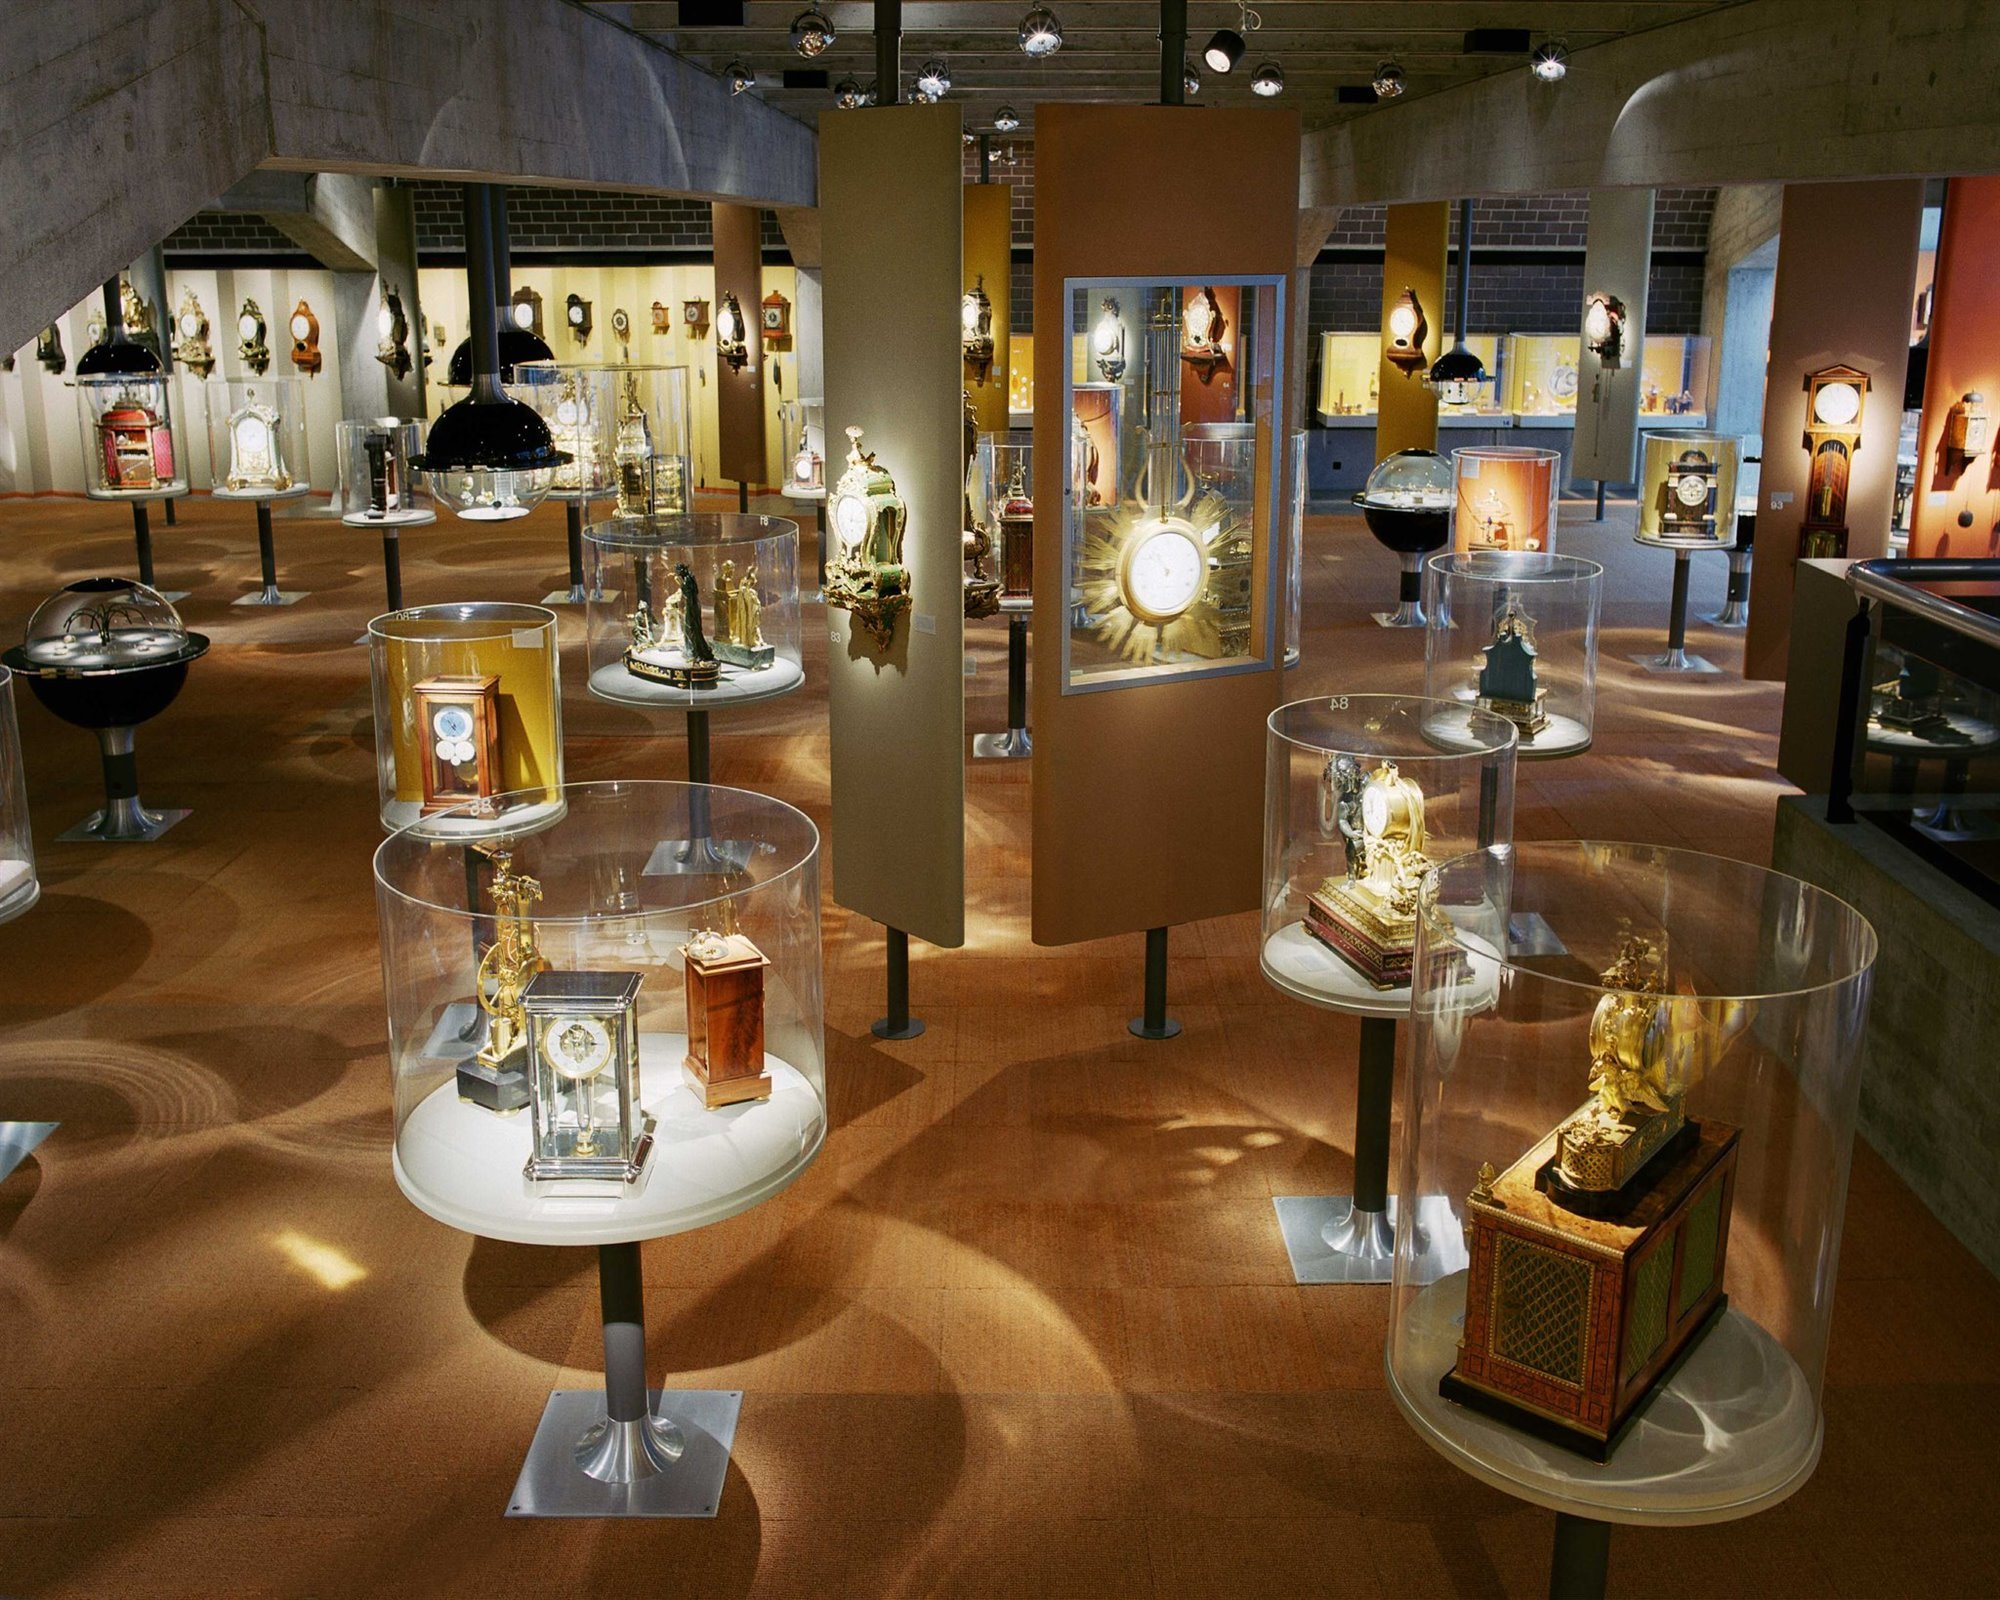 Museo internacional de la relojería (La Chaux-de-Fonds)